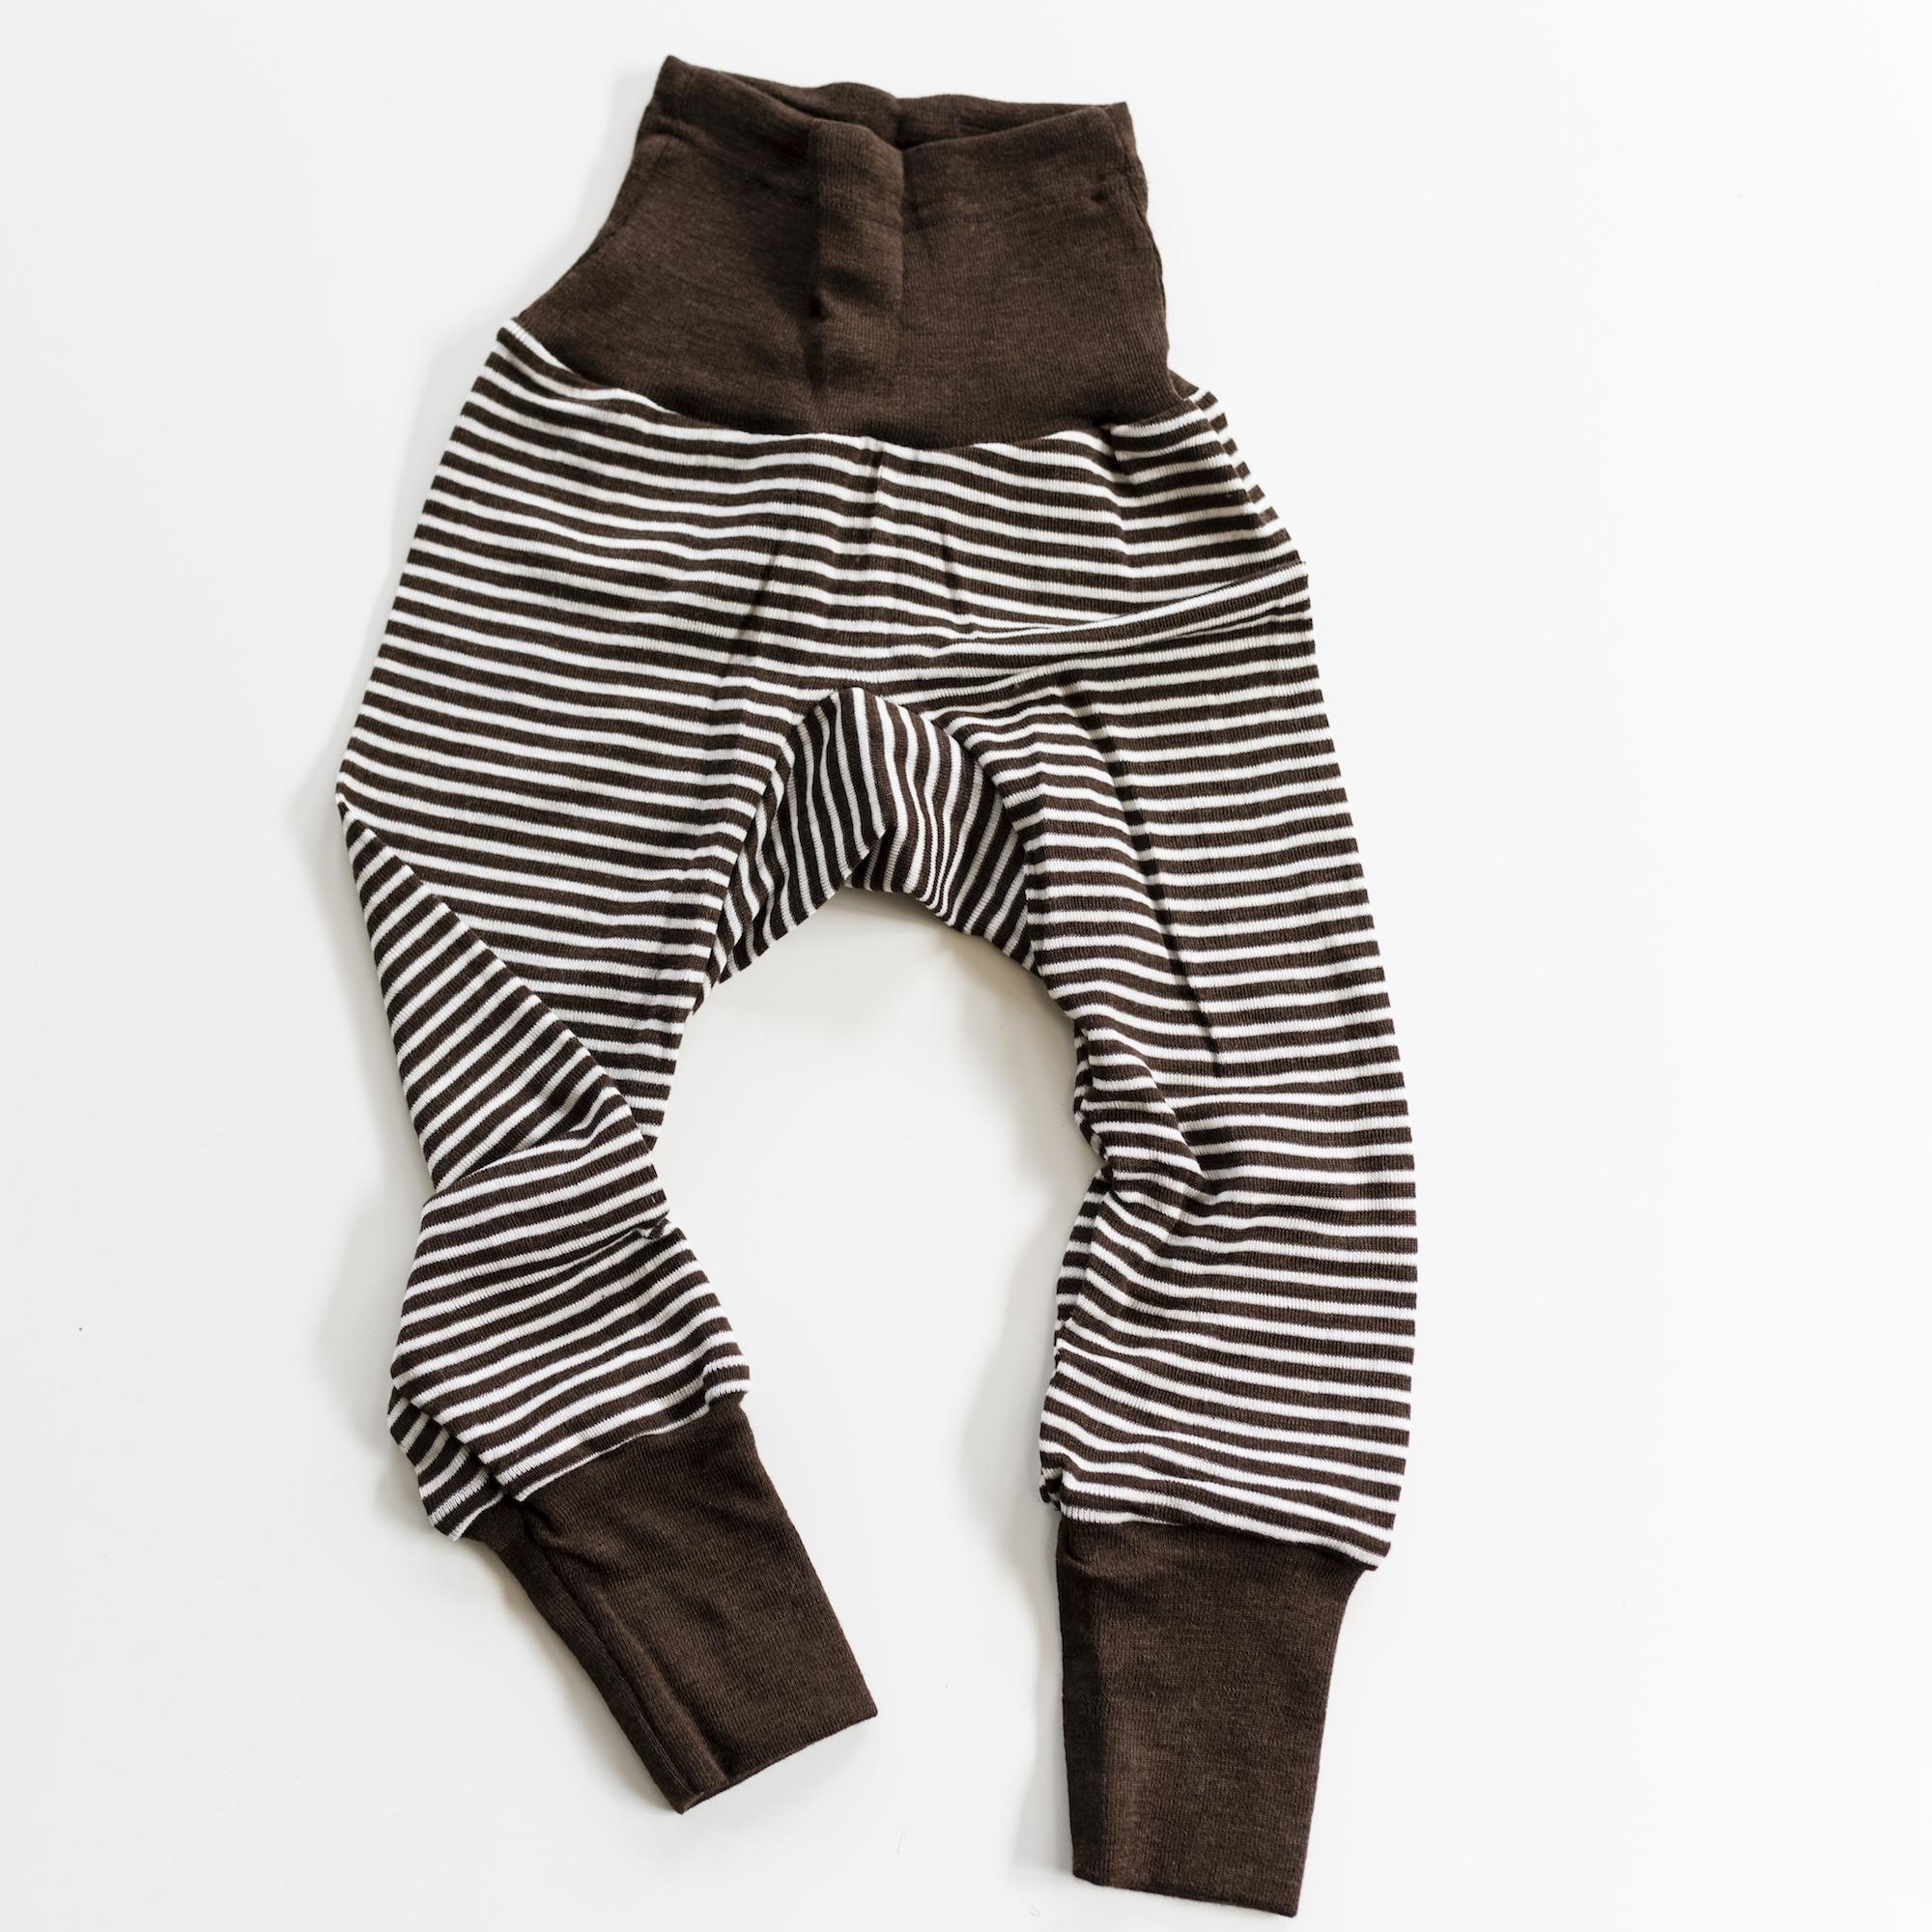 Outlet zum Verkauf beste Qualität Offizielle Website Cosilana Wolle-Seide-Leggins / Unterhose OHNE Umschlagbündchen